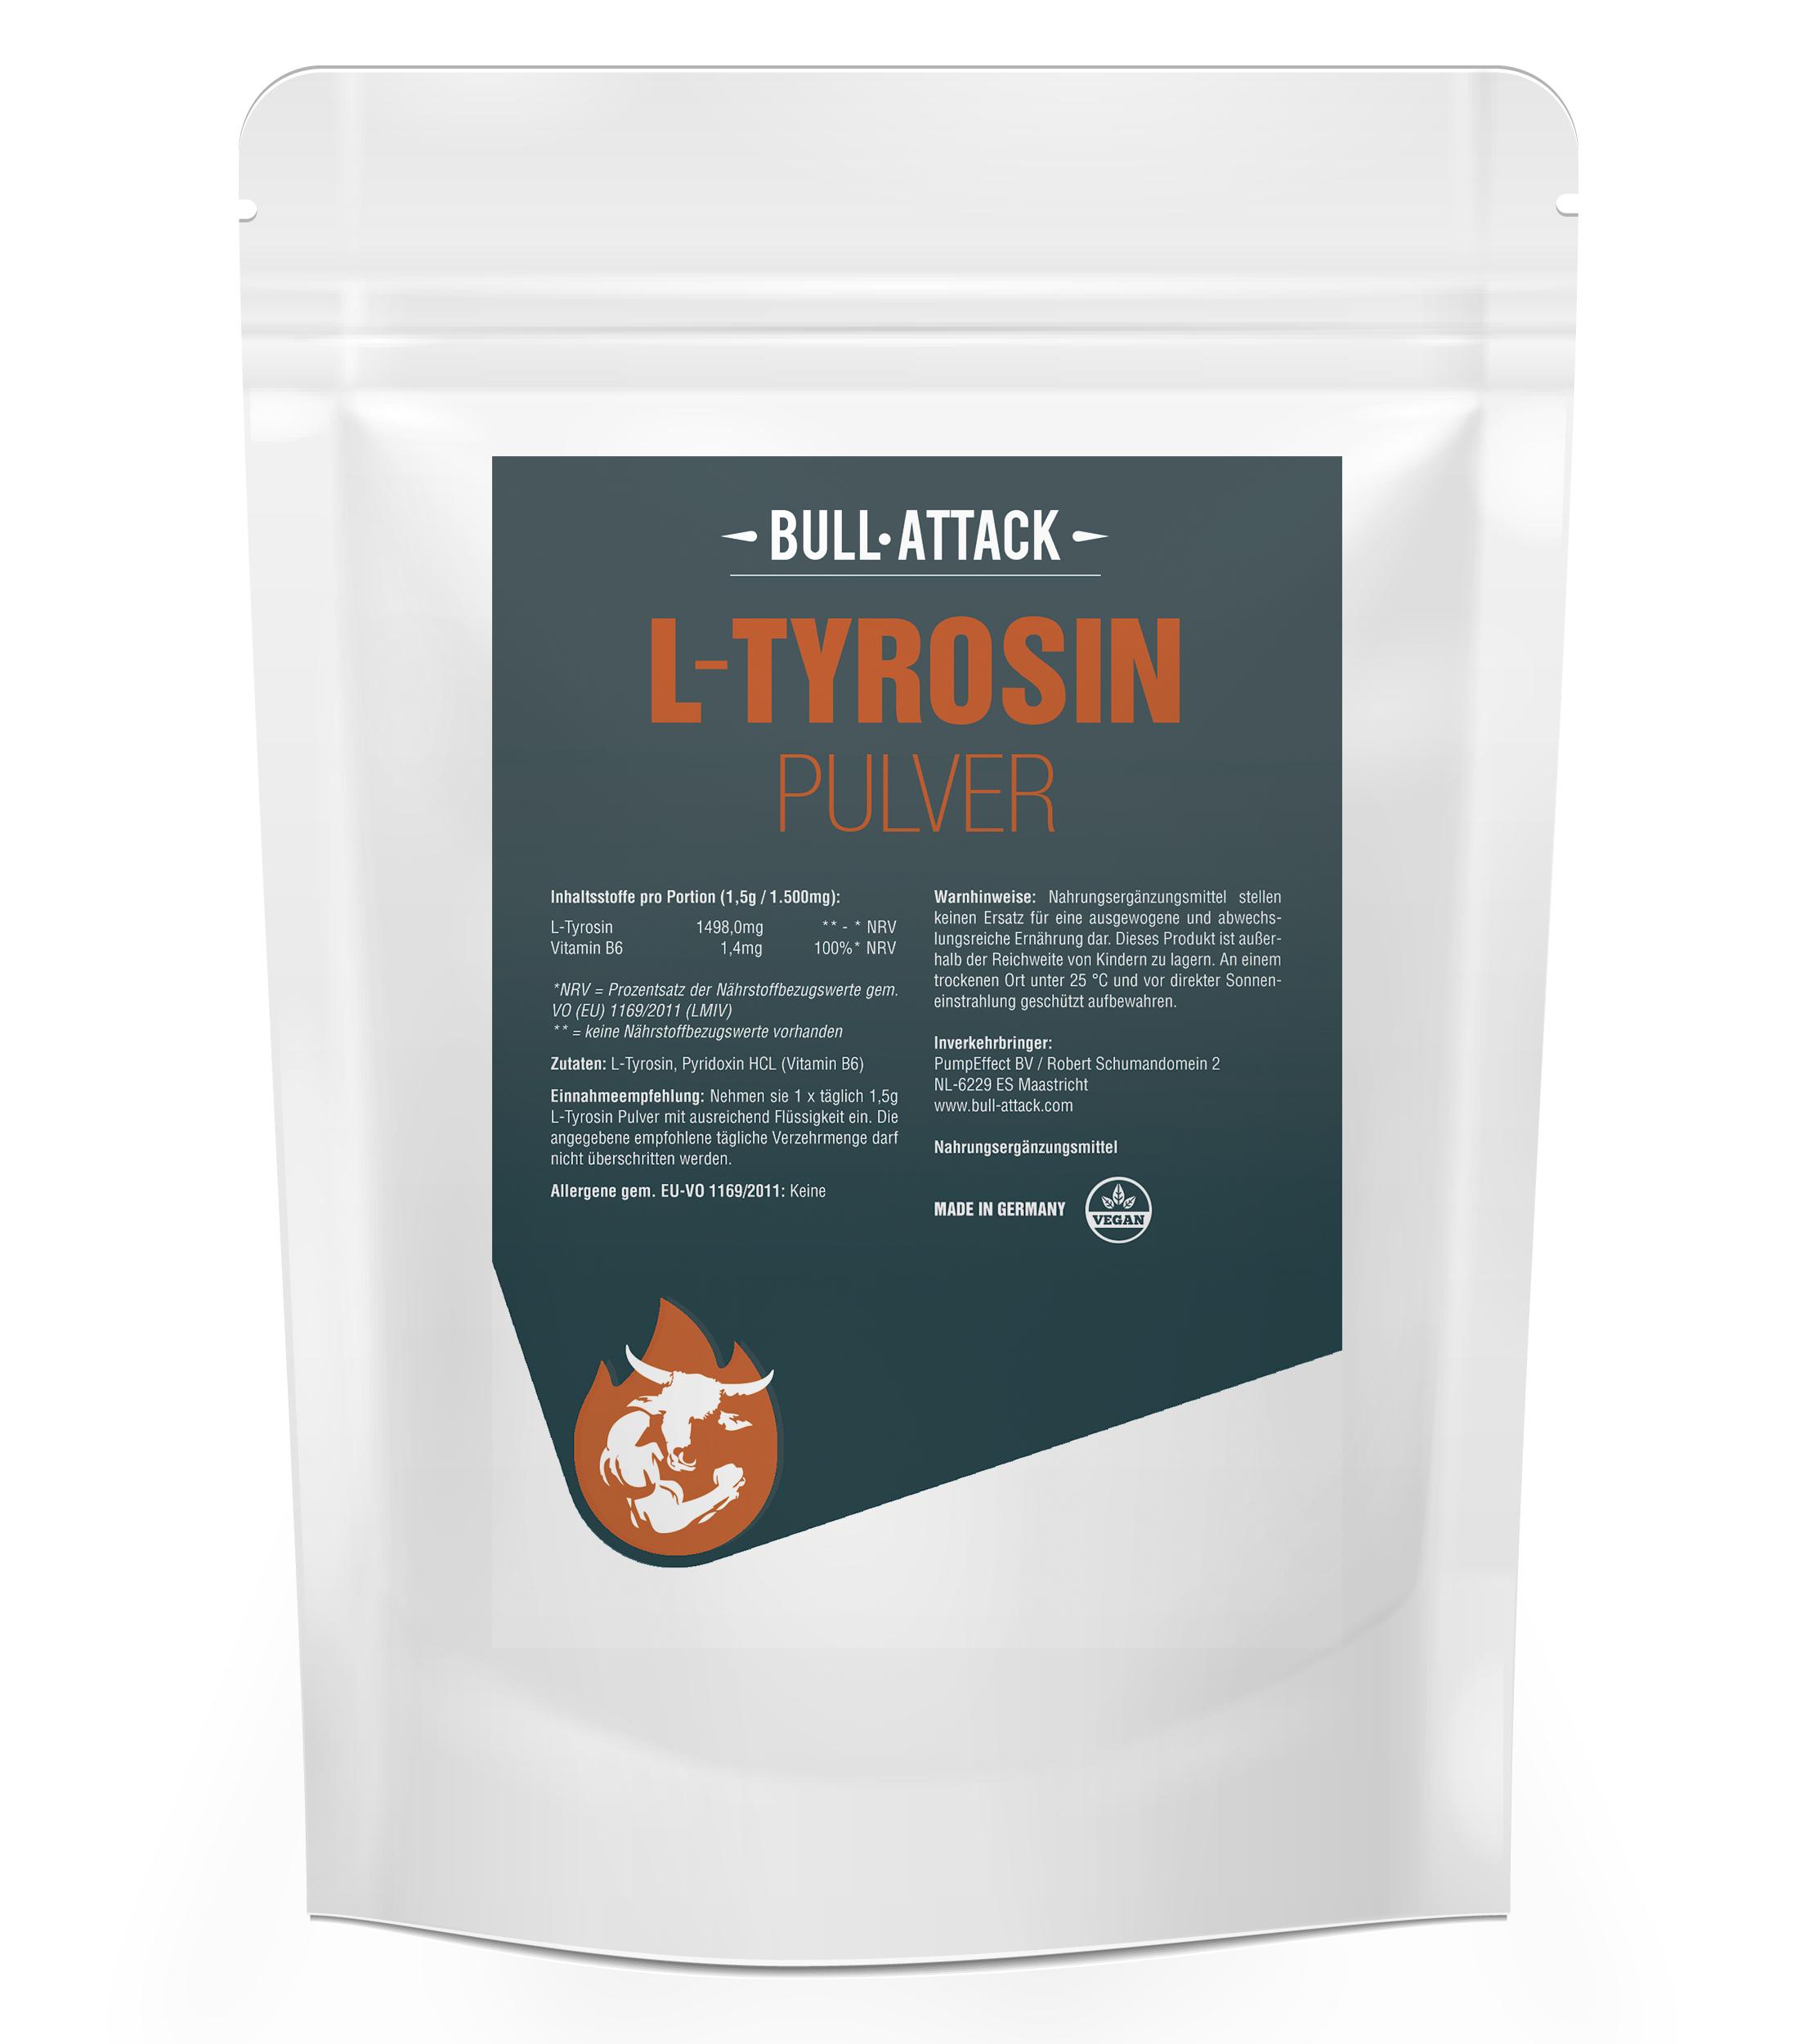 L-Tyrosin Pulver | 250g Pulver